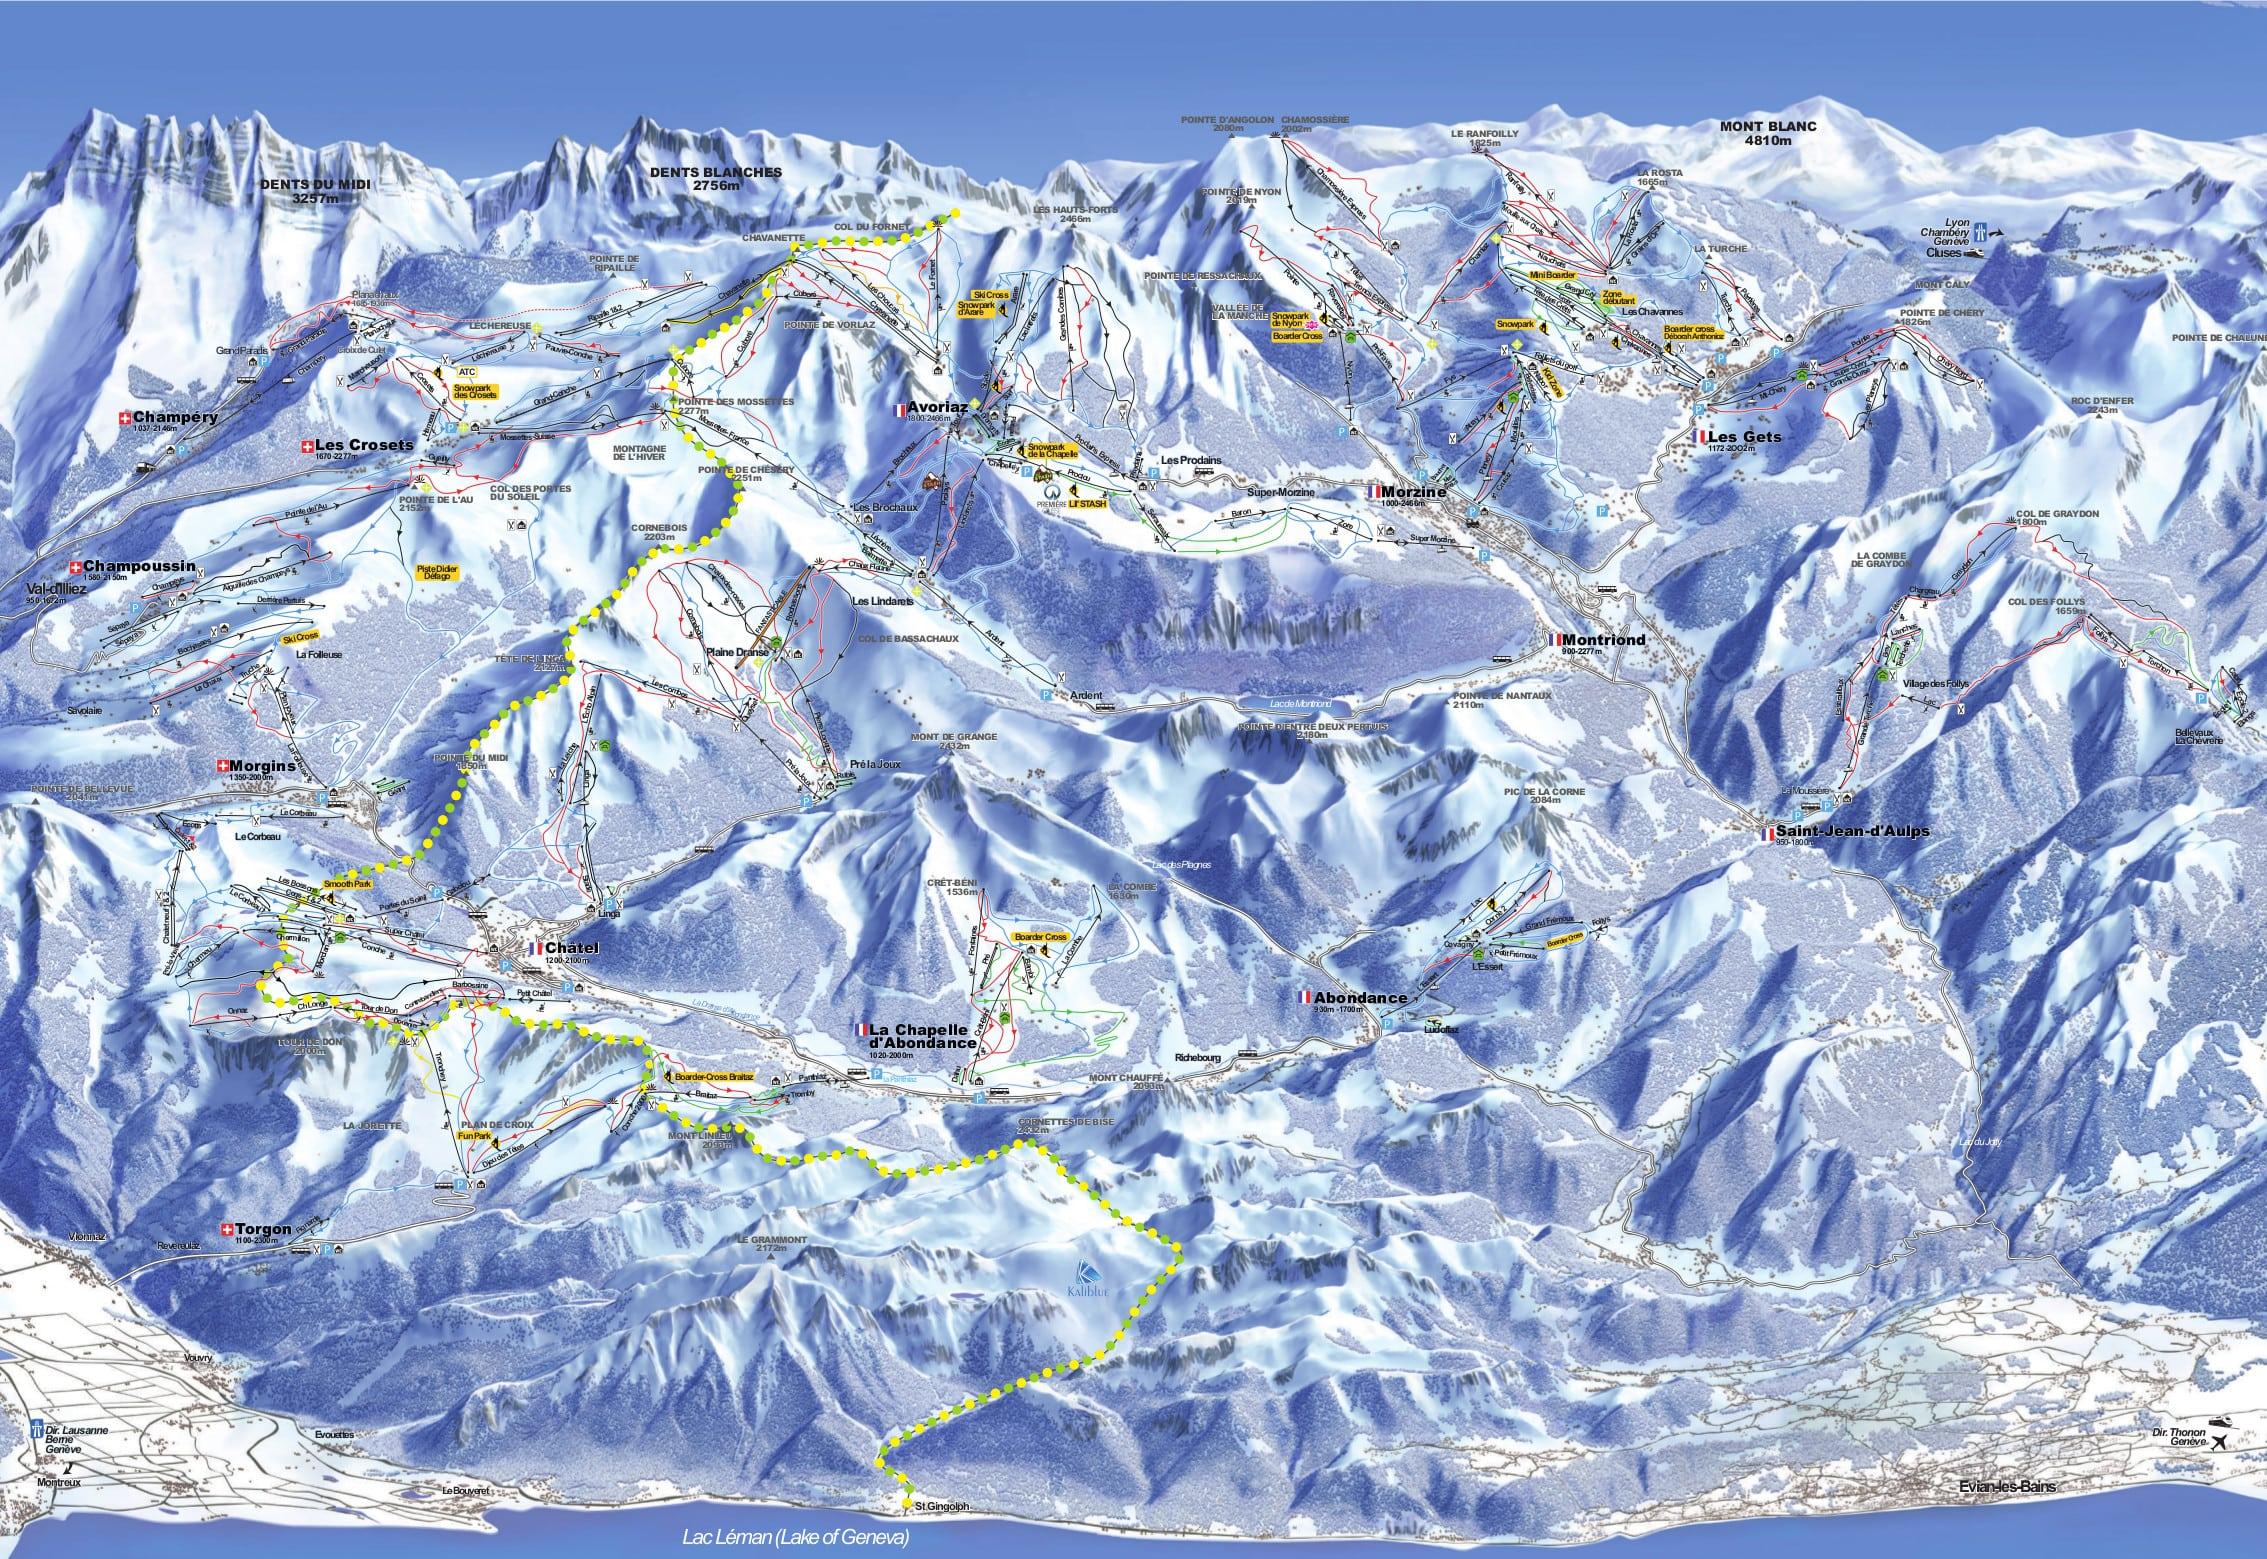 Torgon-Les Portes du Soleil Piste / Trail Map